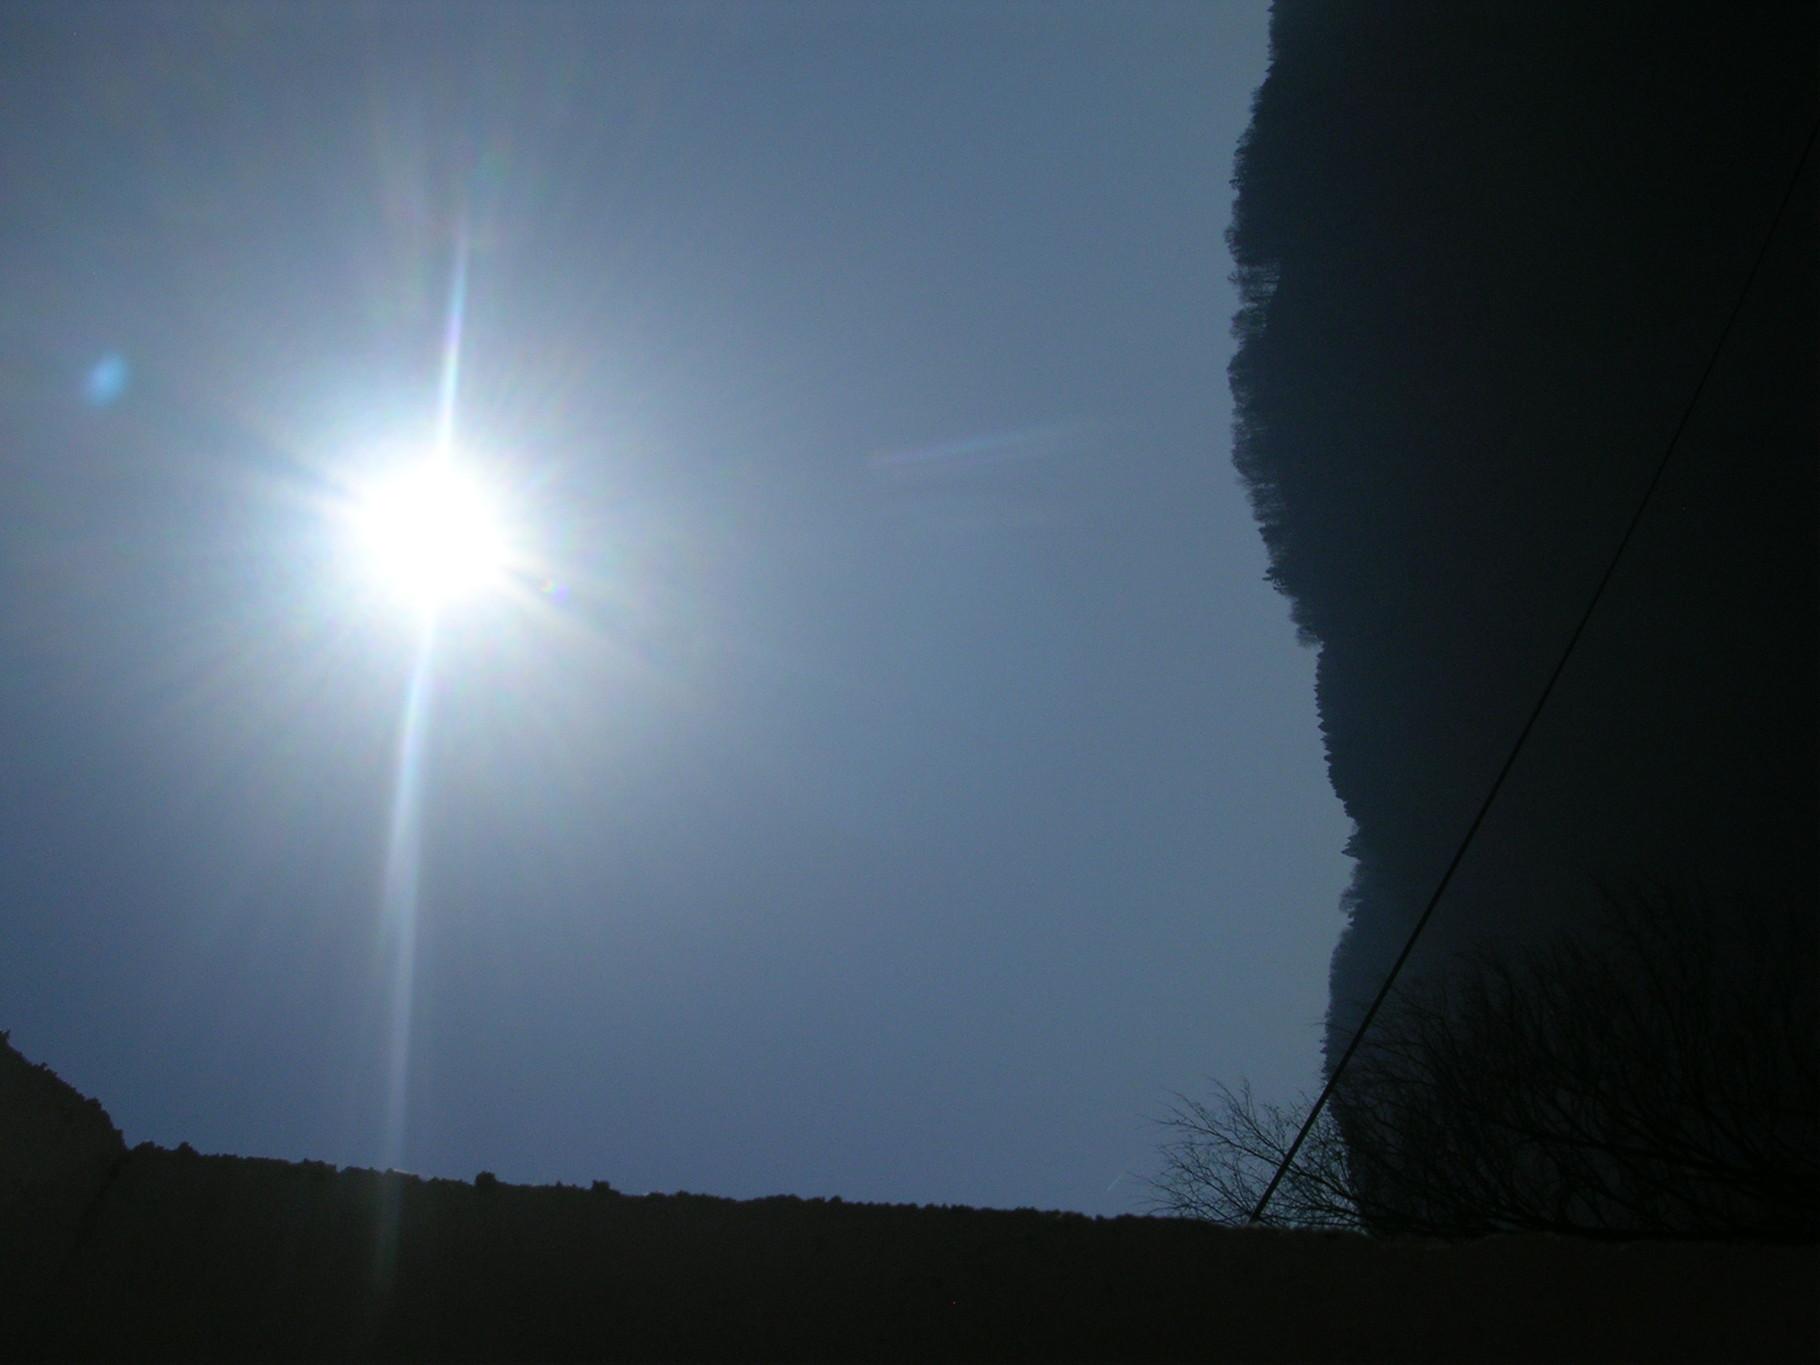 Amiispe Sonnenf/änger mit Kristallanh/ängern Bunte Sonnenf/änger Feng Shui f/ür Fenster Tropfenform Geeignet zum Dekorieren von Weihnachtsb/äumen Kronleuchtern Pflanzen